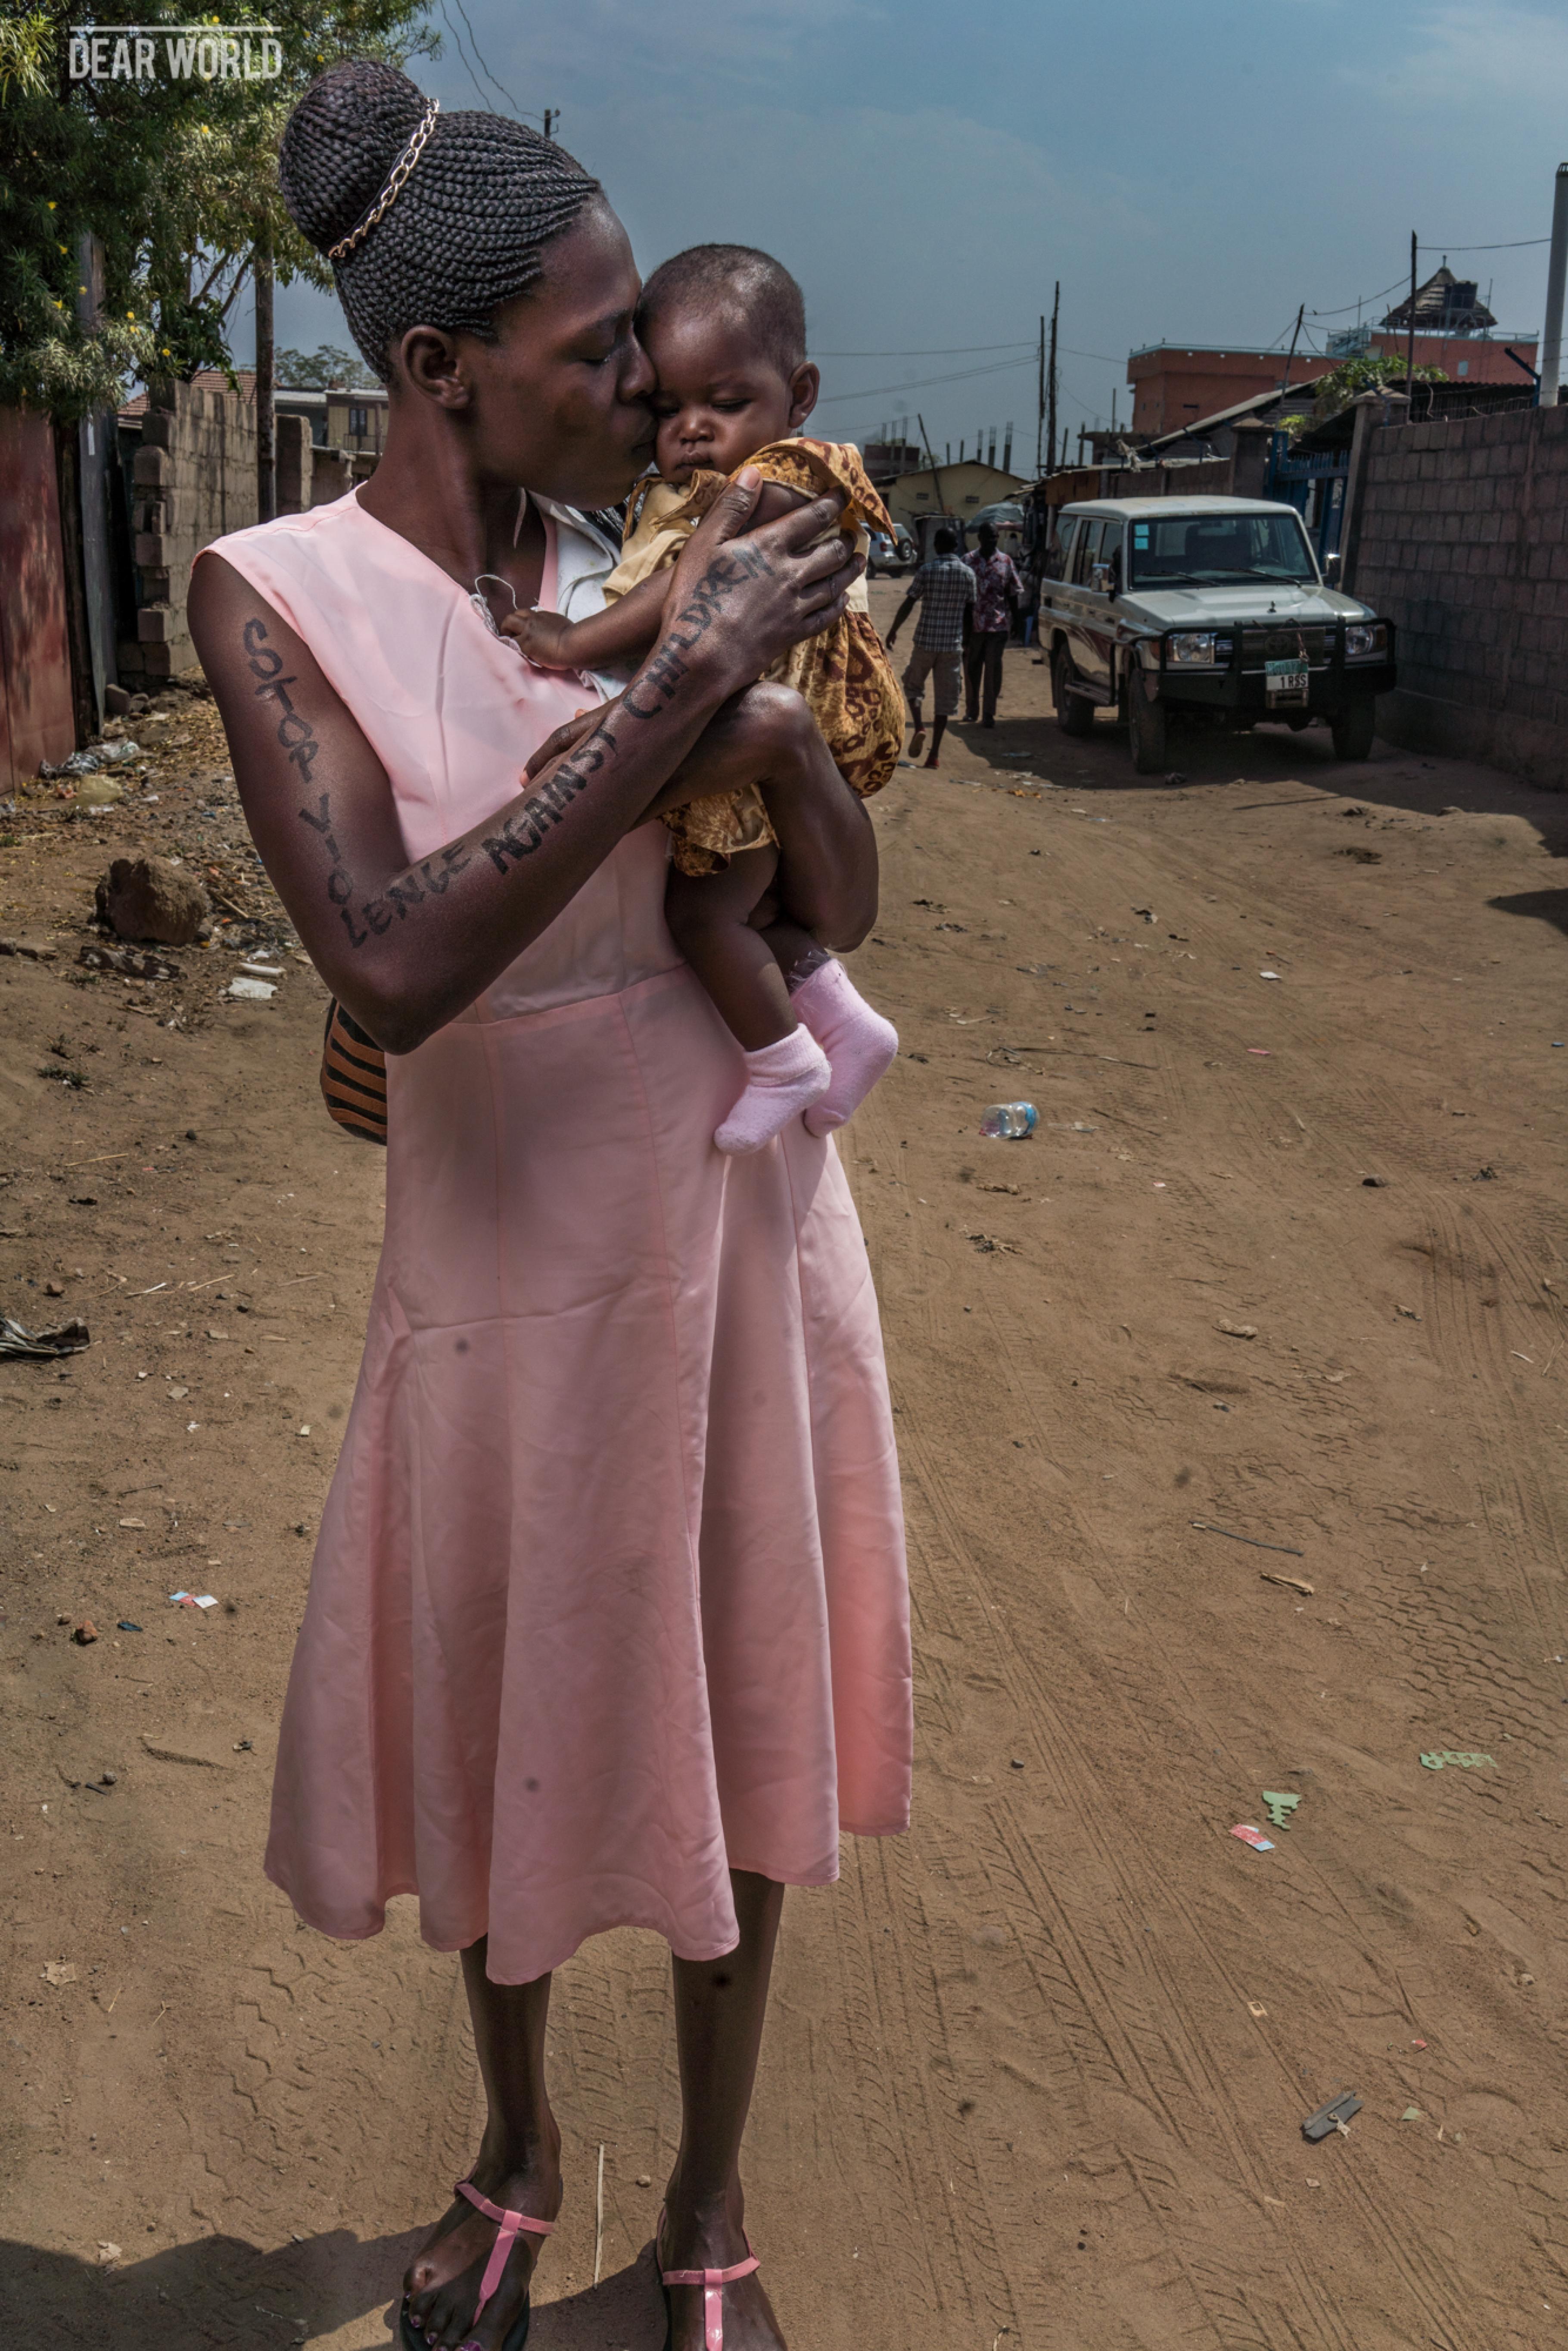 Eine Frau hält ein Baby auf dem Arm und küsst es auf die Wange. Auf ihrem Arm ist zu lesen Stop violence against children.